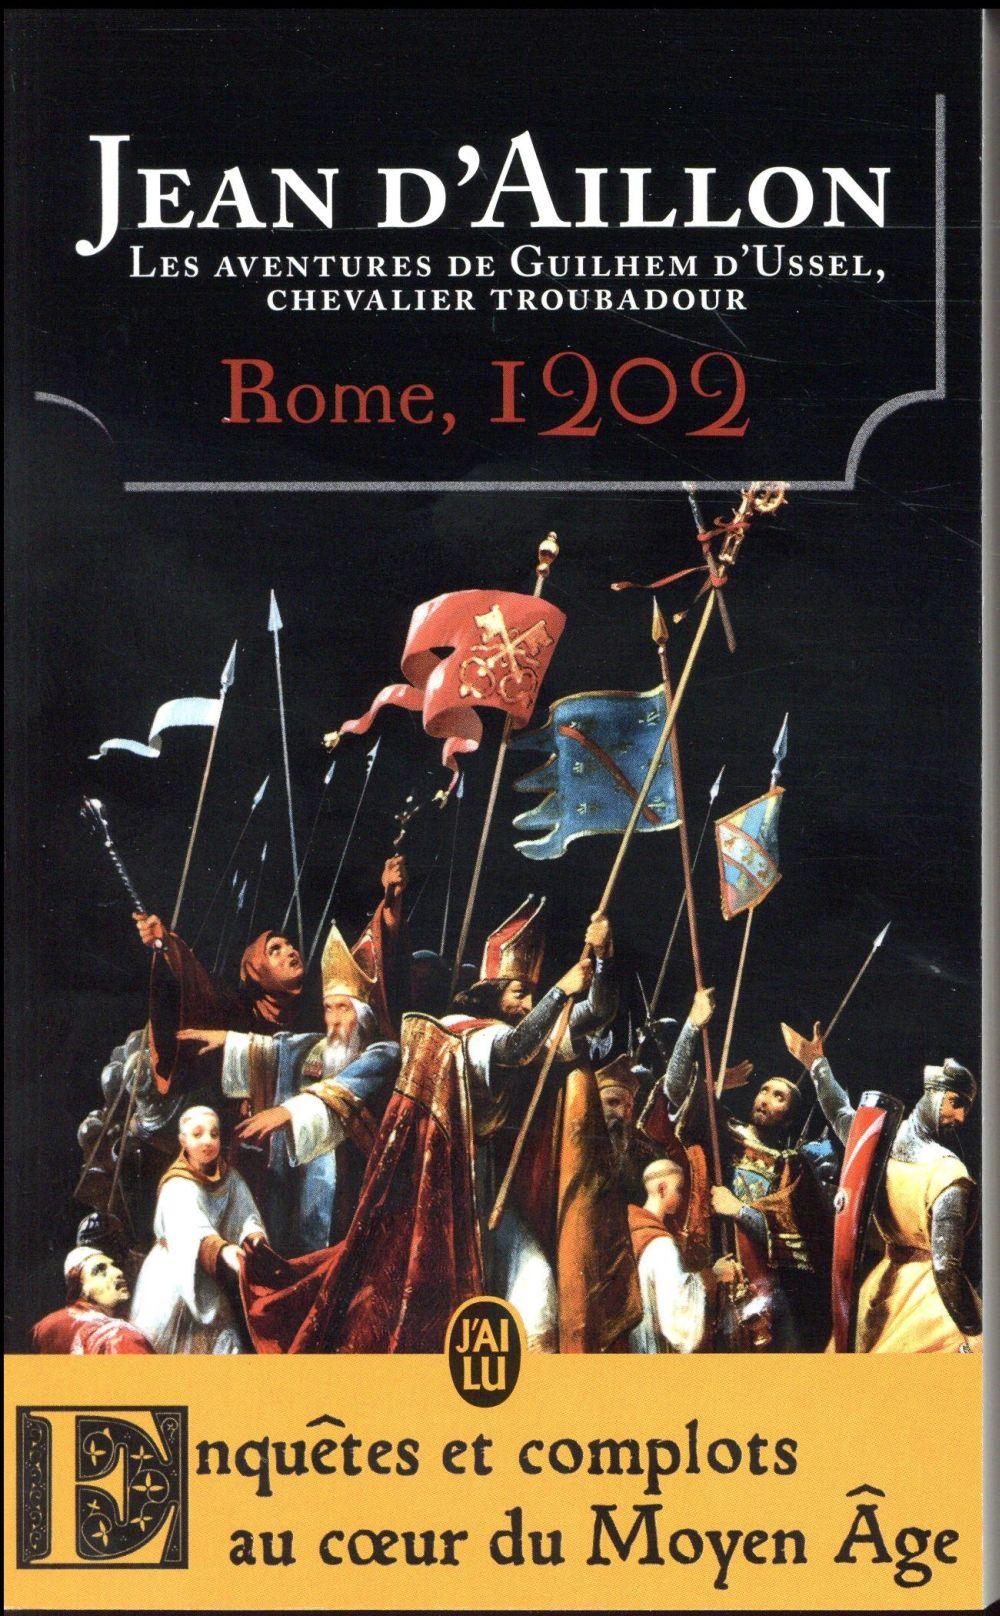 (NC) ROME 1202 - 5 - LES AVENTURES DE GUILHEM D'USSEL, CHEVALIERTROUBADOUR